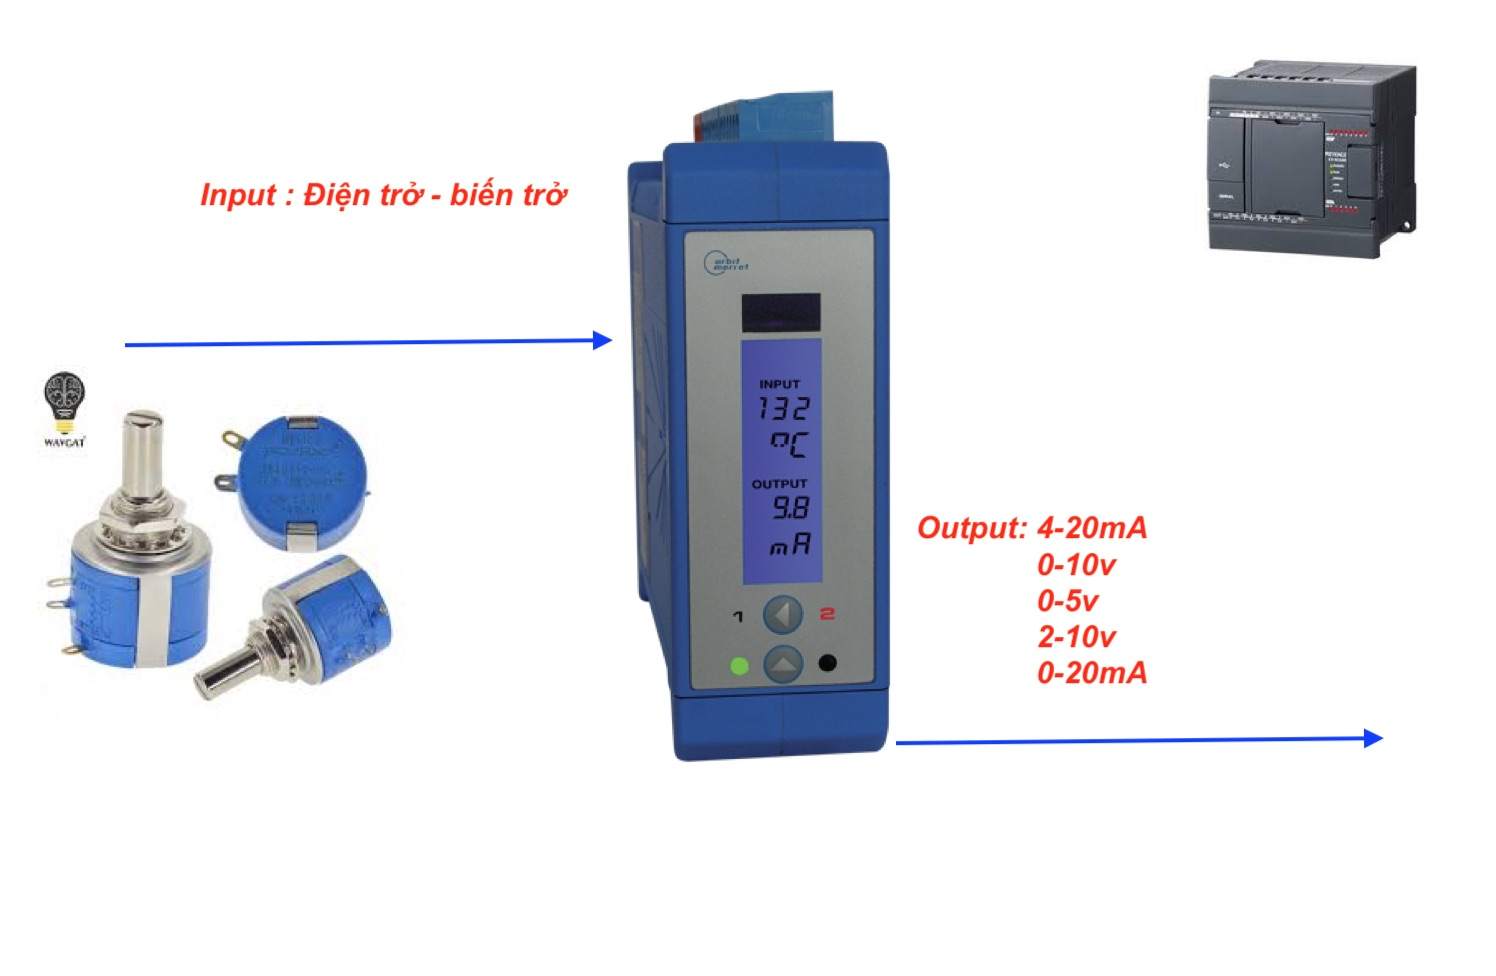 Bộ chuyển điện trở và biến trở sang analog